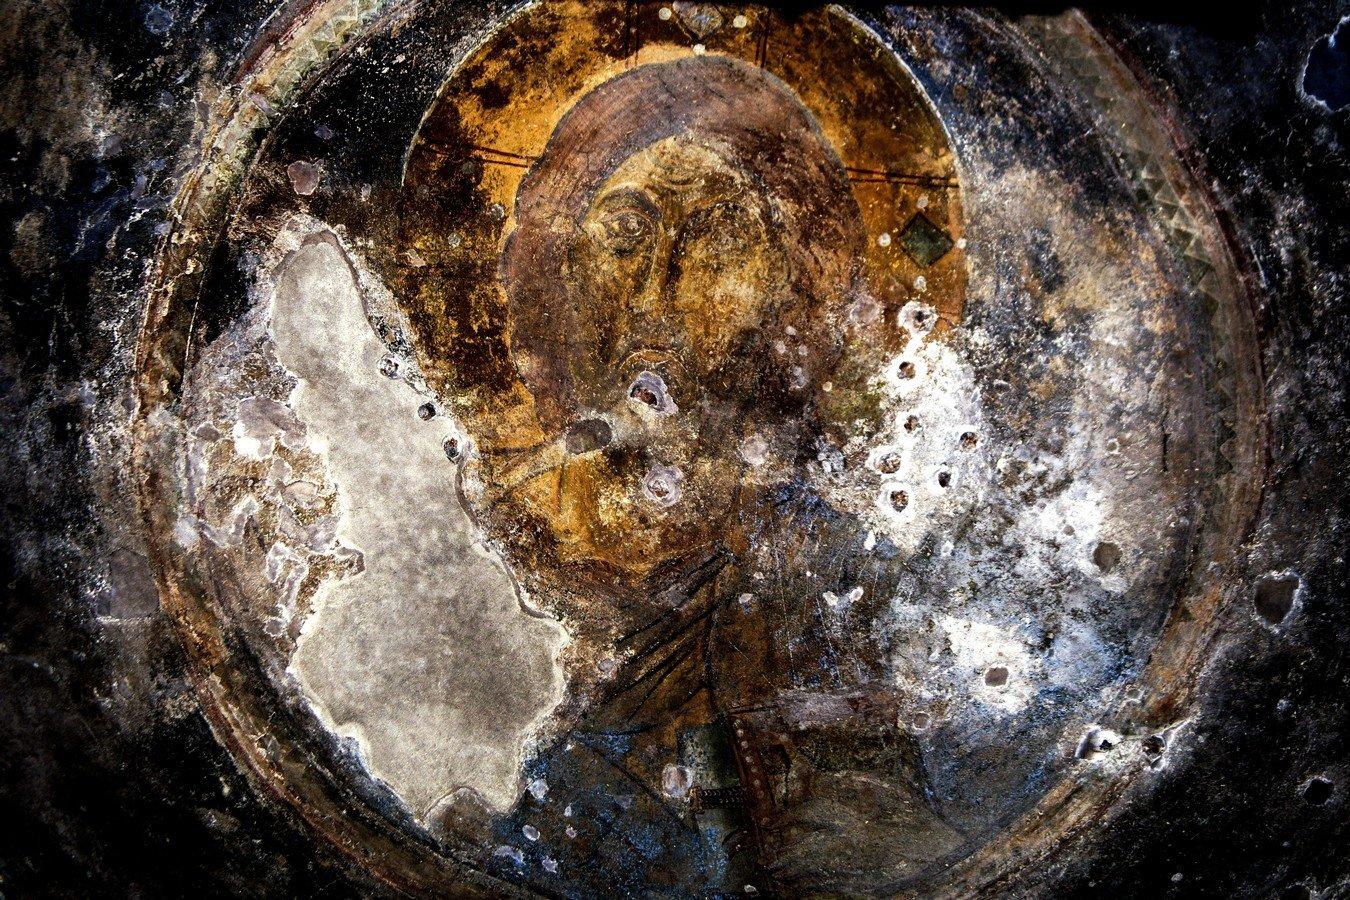 Христос Пантократор. Фреска церкви Богородицы Елеусы в Велюсе, Македония. Начало XII века.